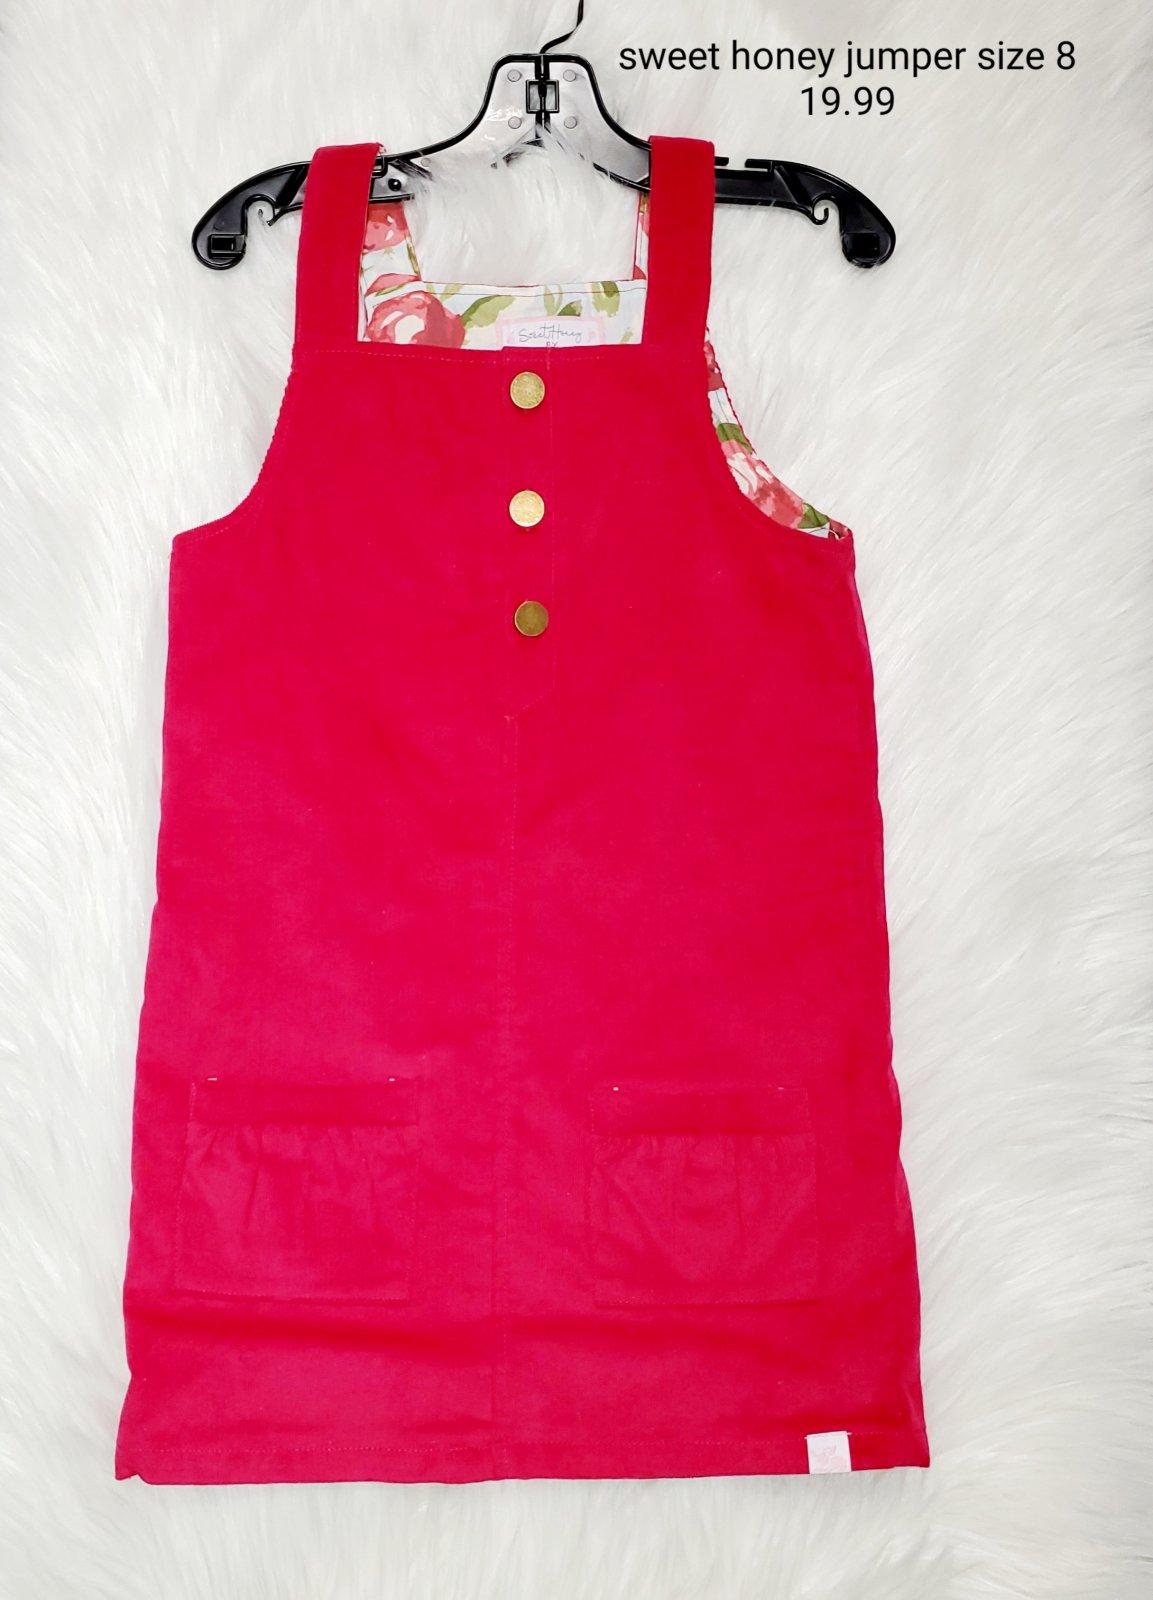 Sweet Honey jumper dress pink girls size 8